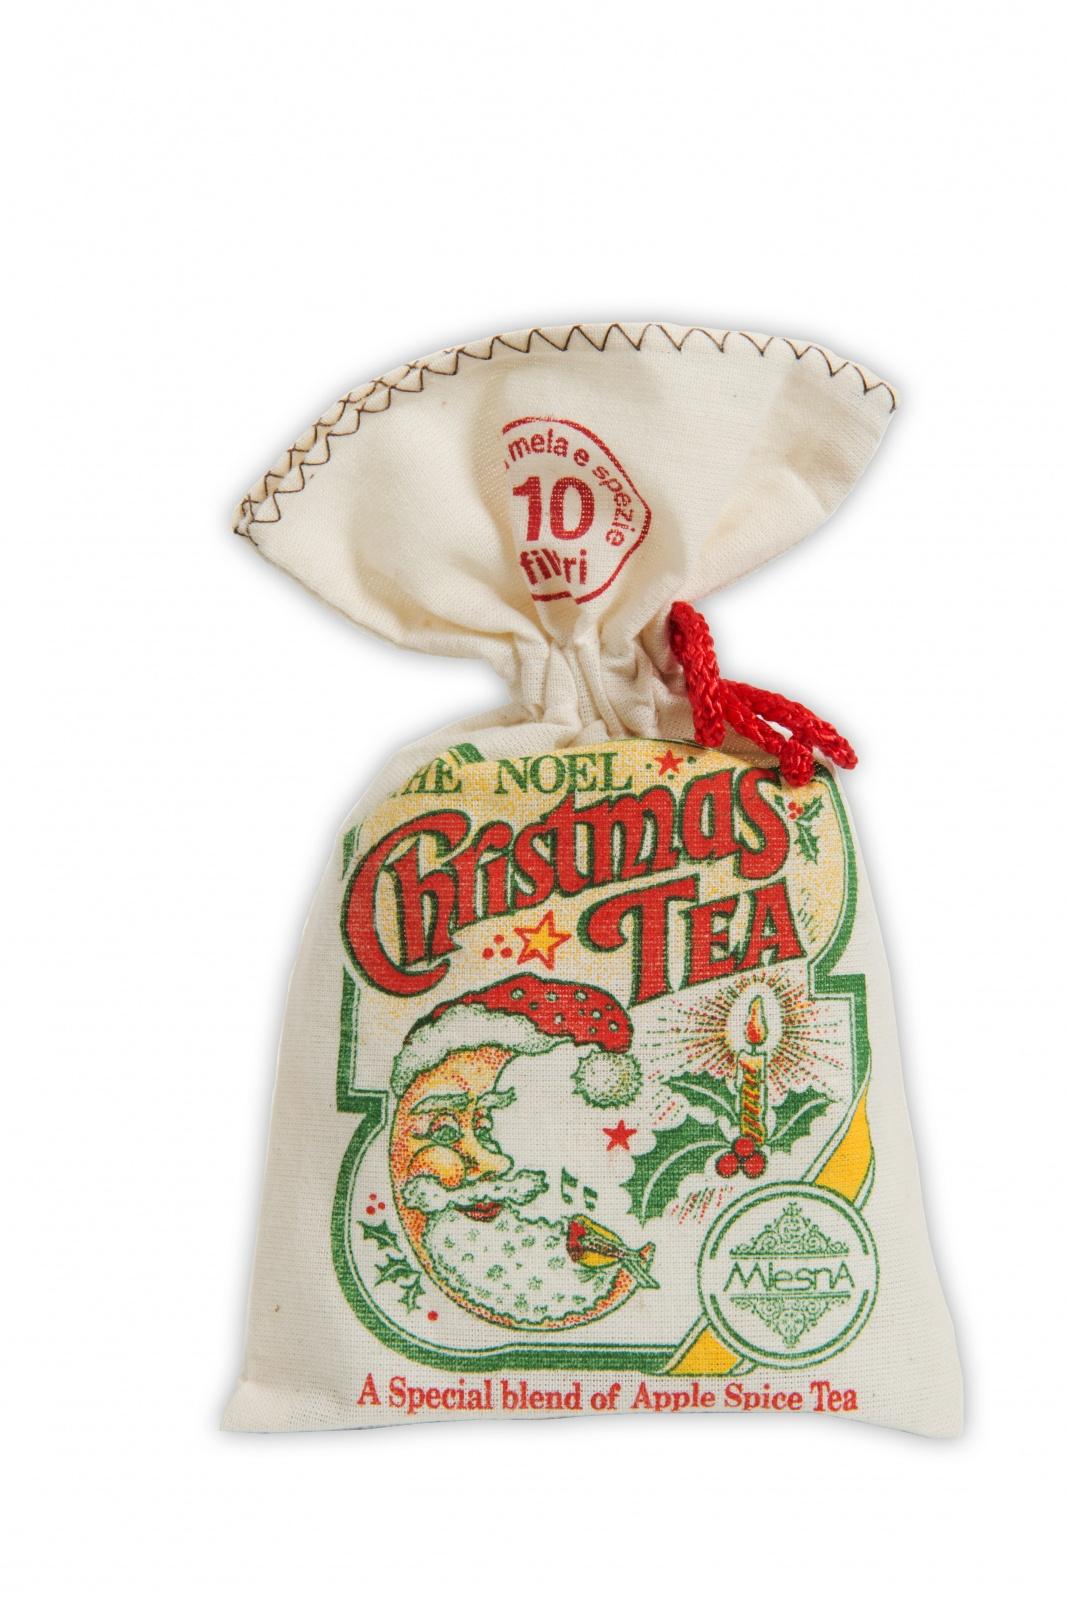 Čaje Mlesna Černý čaj nejvyšší kvality s přírodní esencí jablka a koření MLESNA (Ceylon) Ltd. pravý čaj z Cejlonu